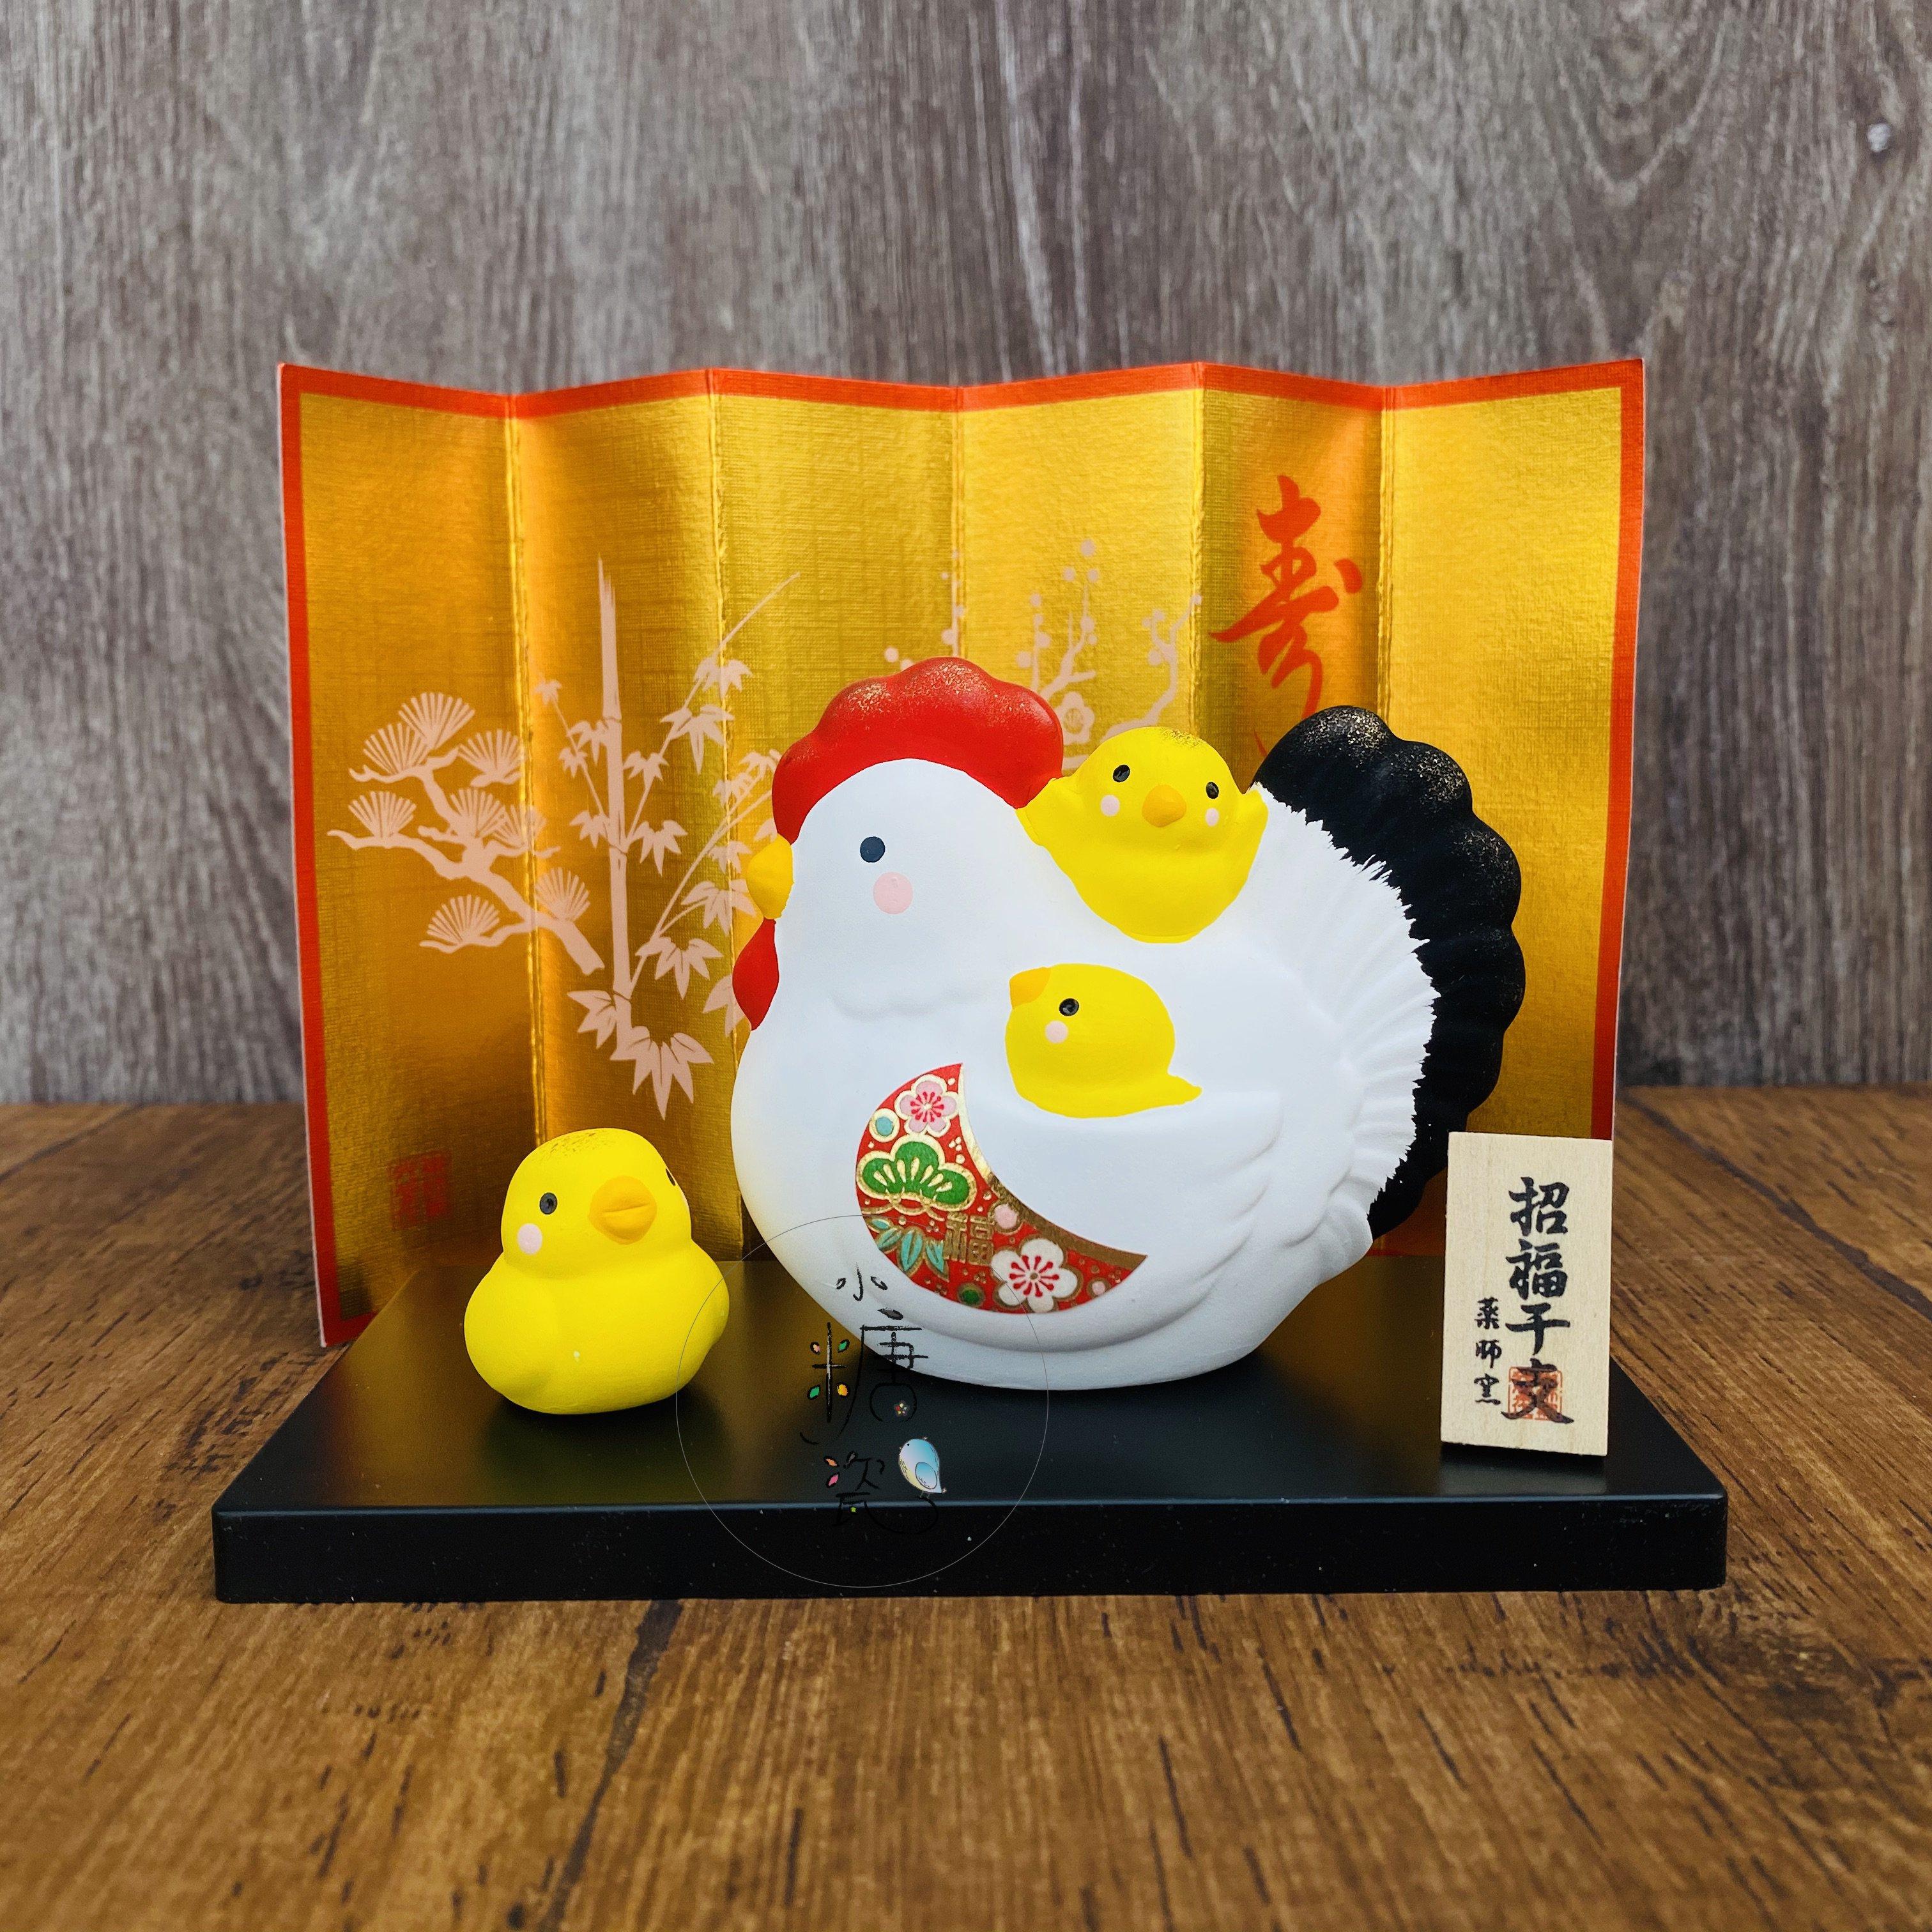 小糖瓷|日本製 🈴️ [藥師窯] 錦彩招福母雞小雞子滿圓(附盒)